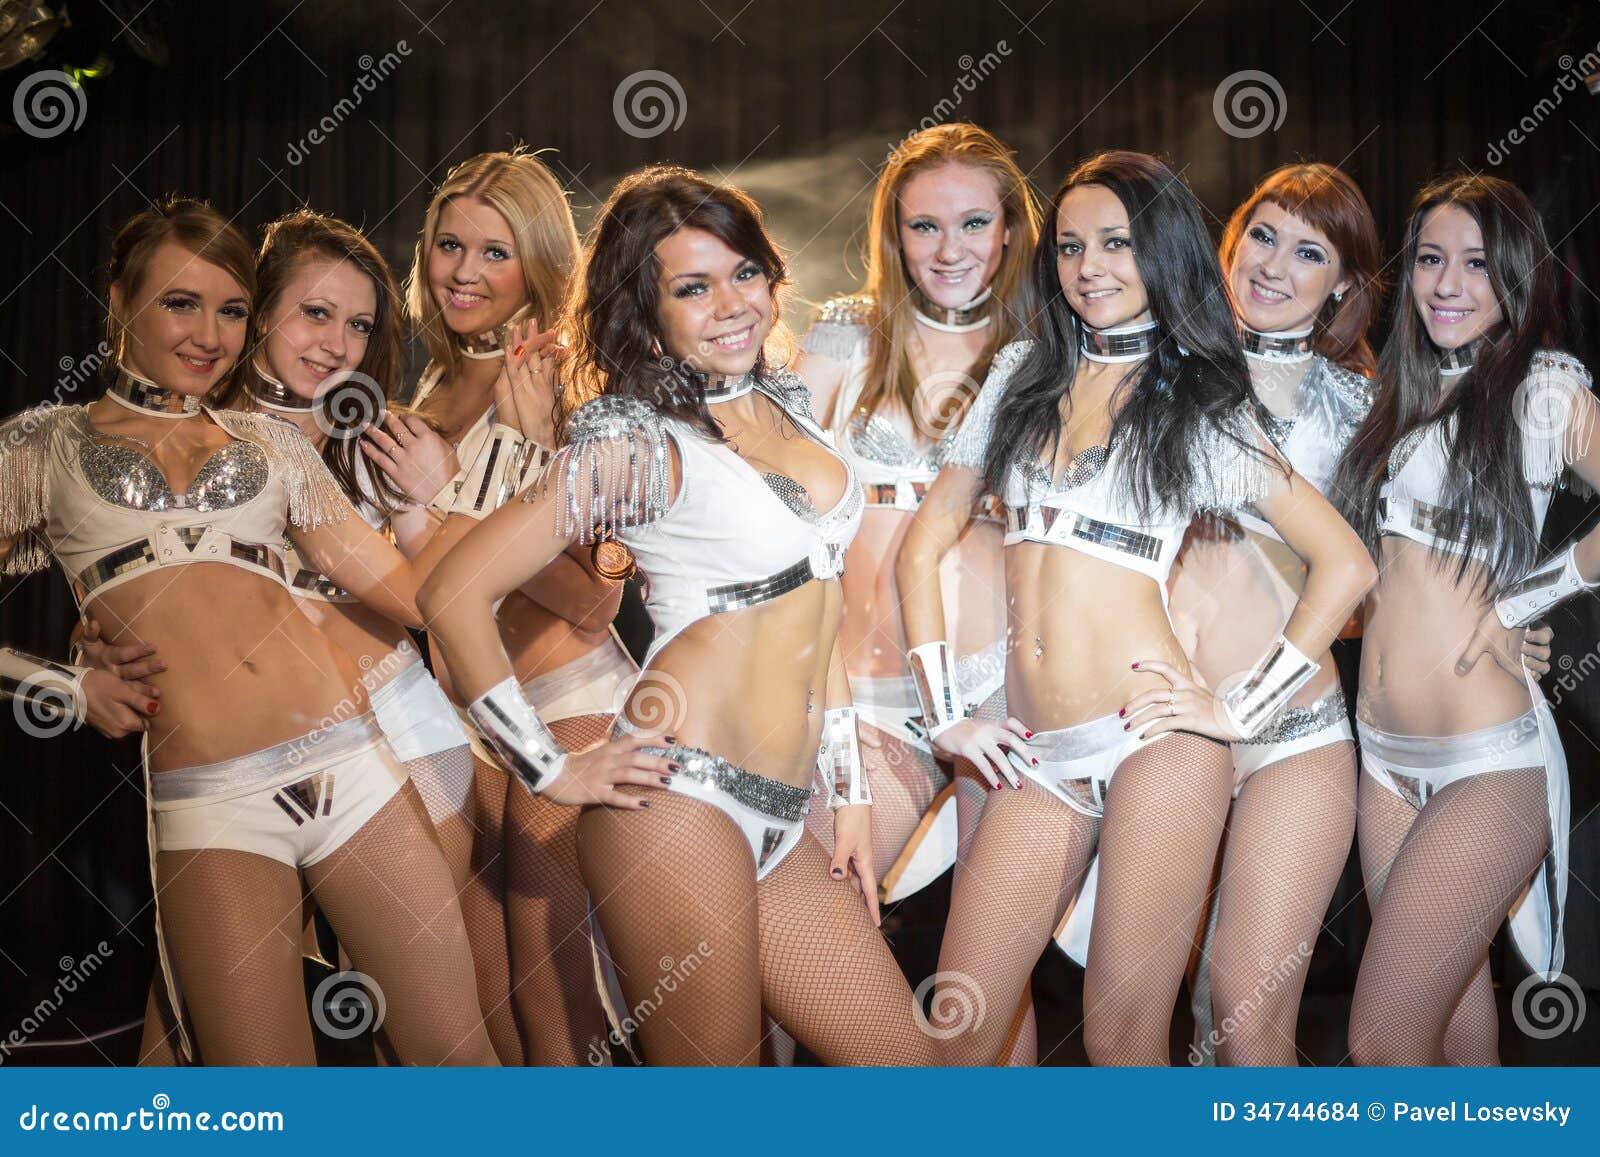 Фото красивых танцовщиц фото 350-170